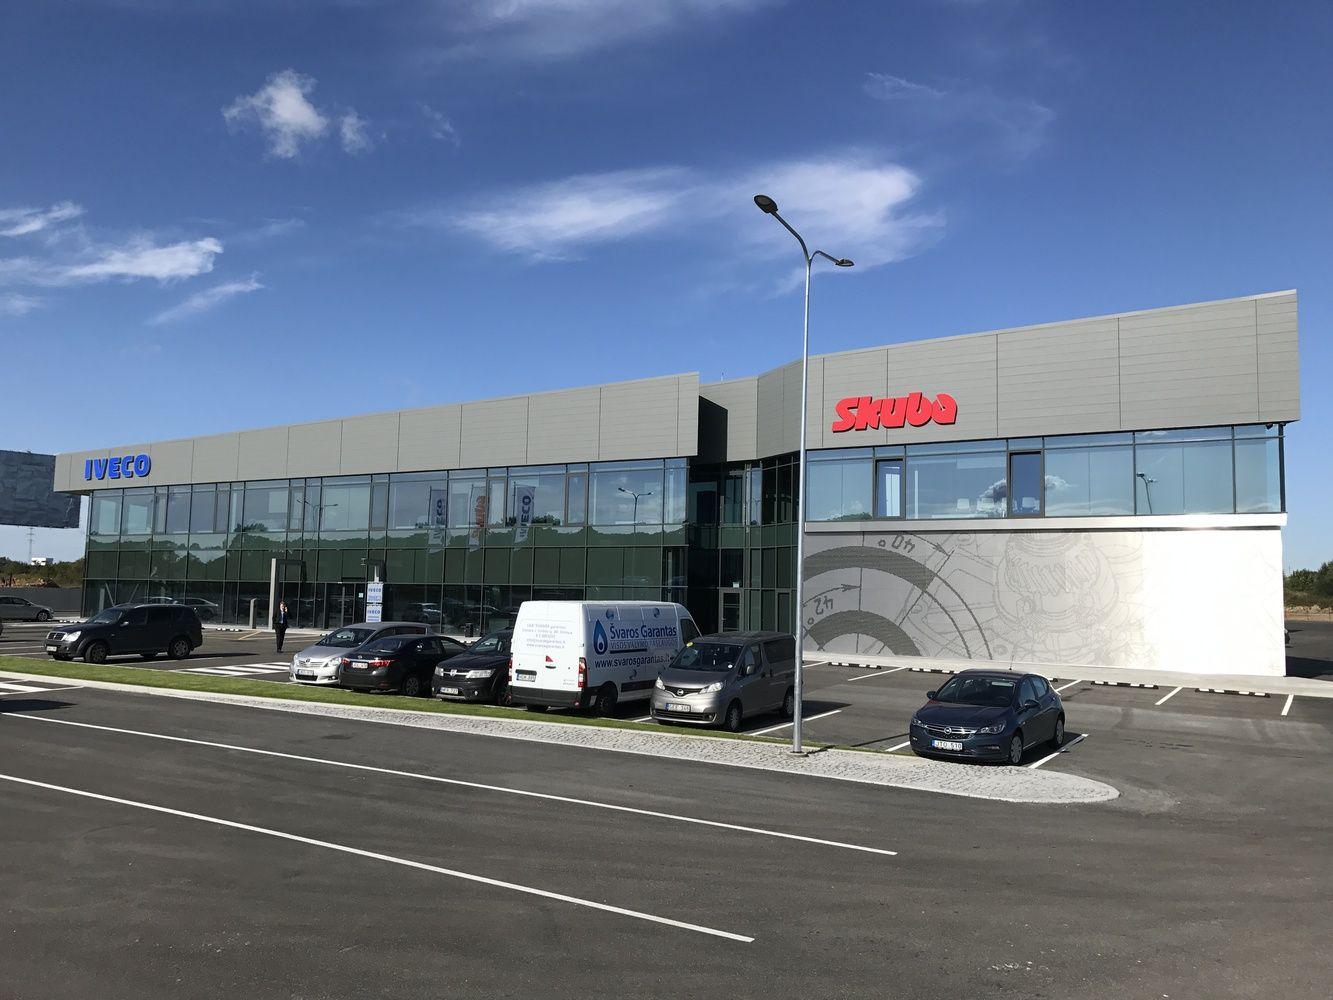 Į naująvilkikų pardavimo ir priežiūros centrąinvestavo 6,6 mln. Eur